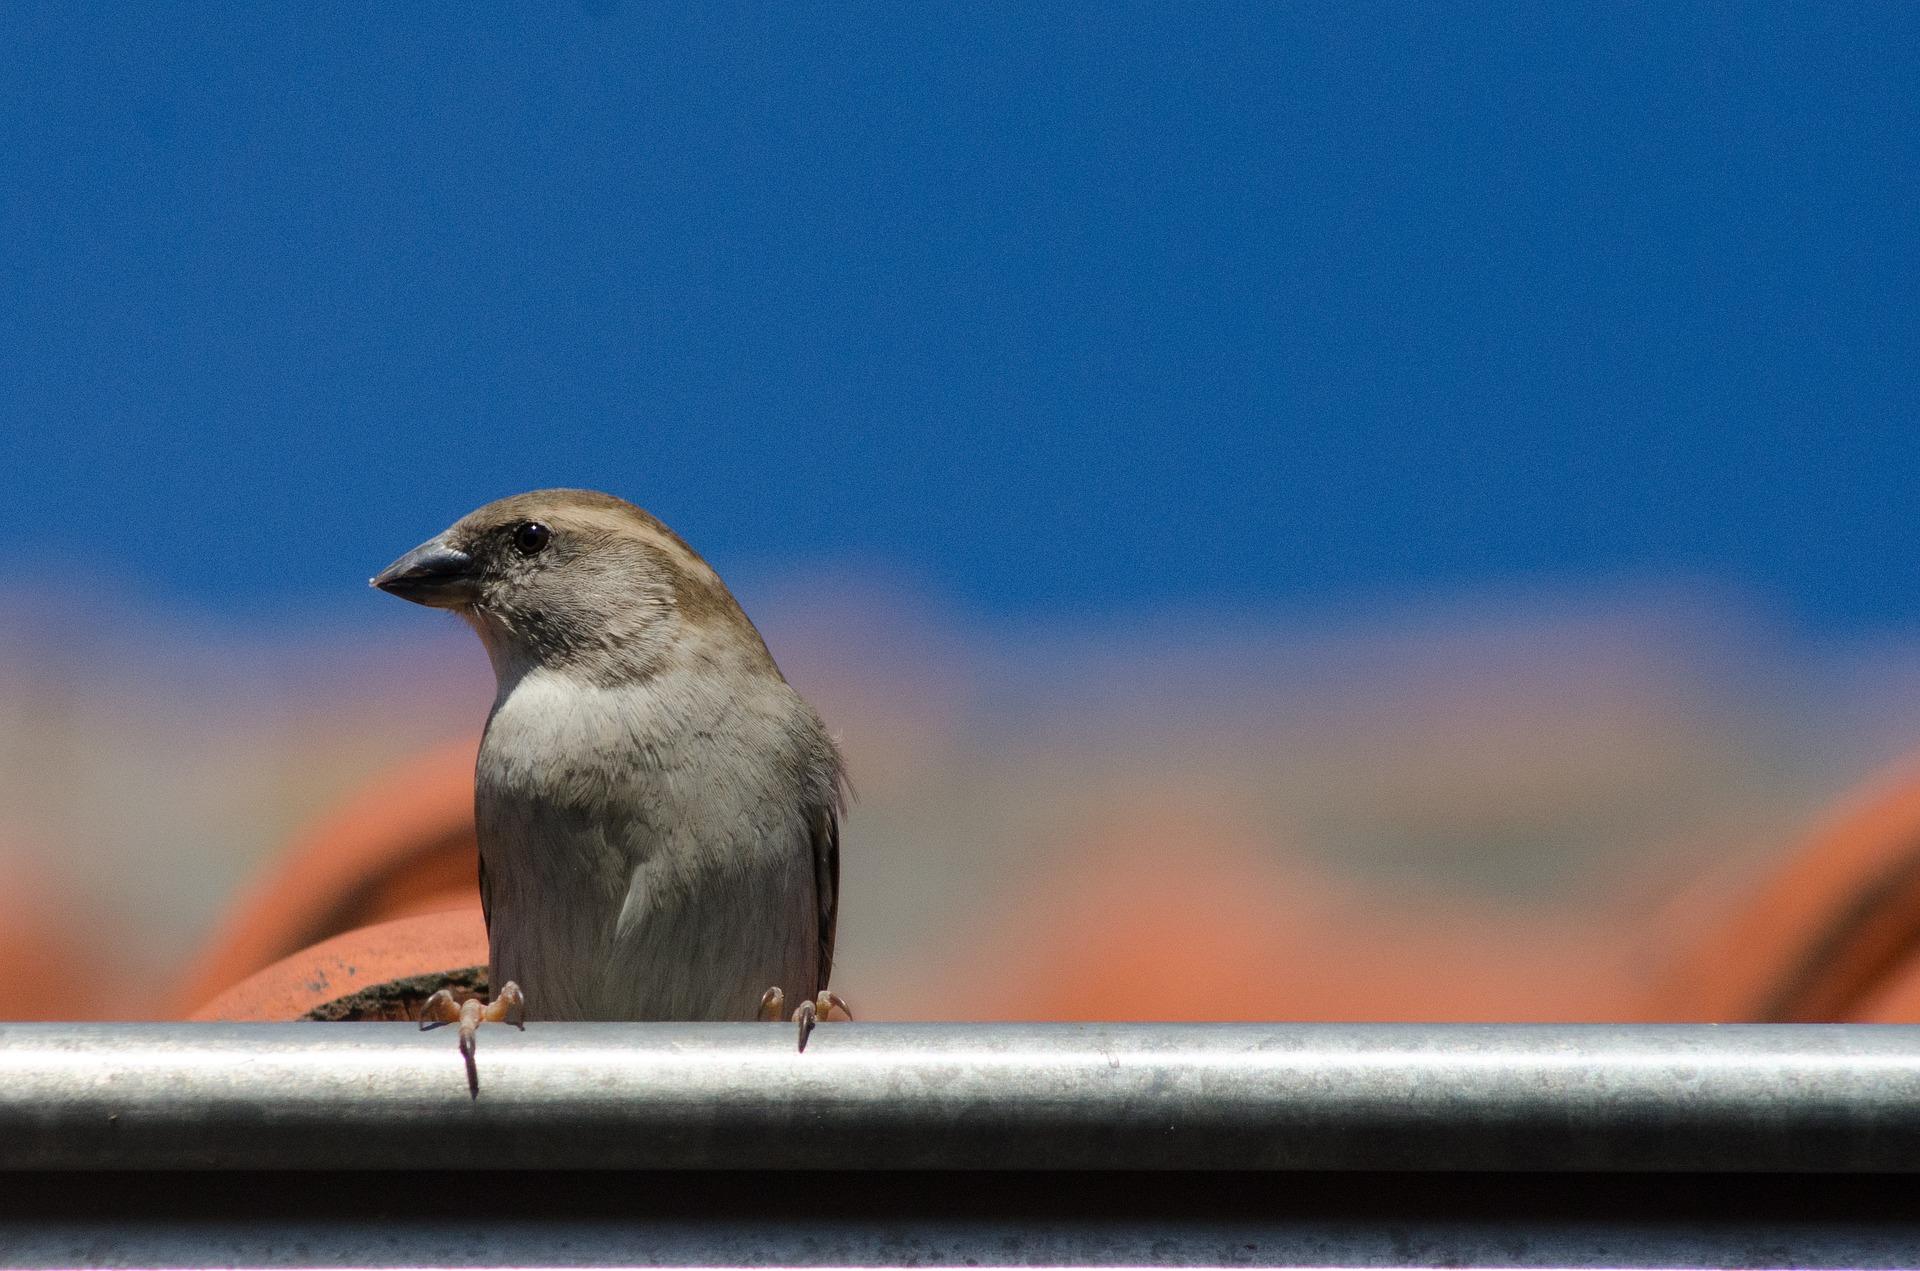 sparrow-2214259_1920